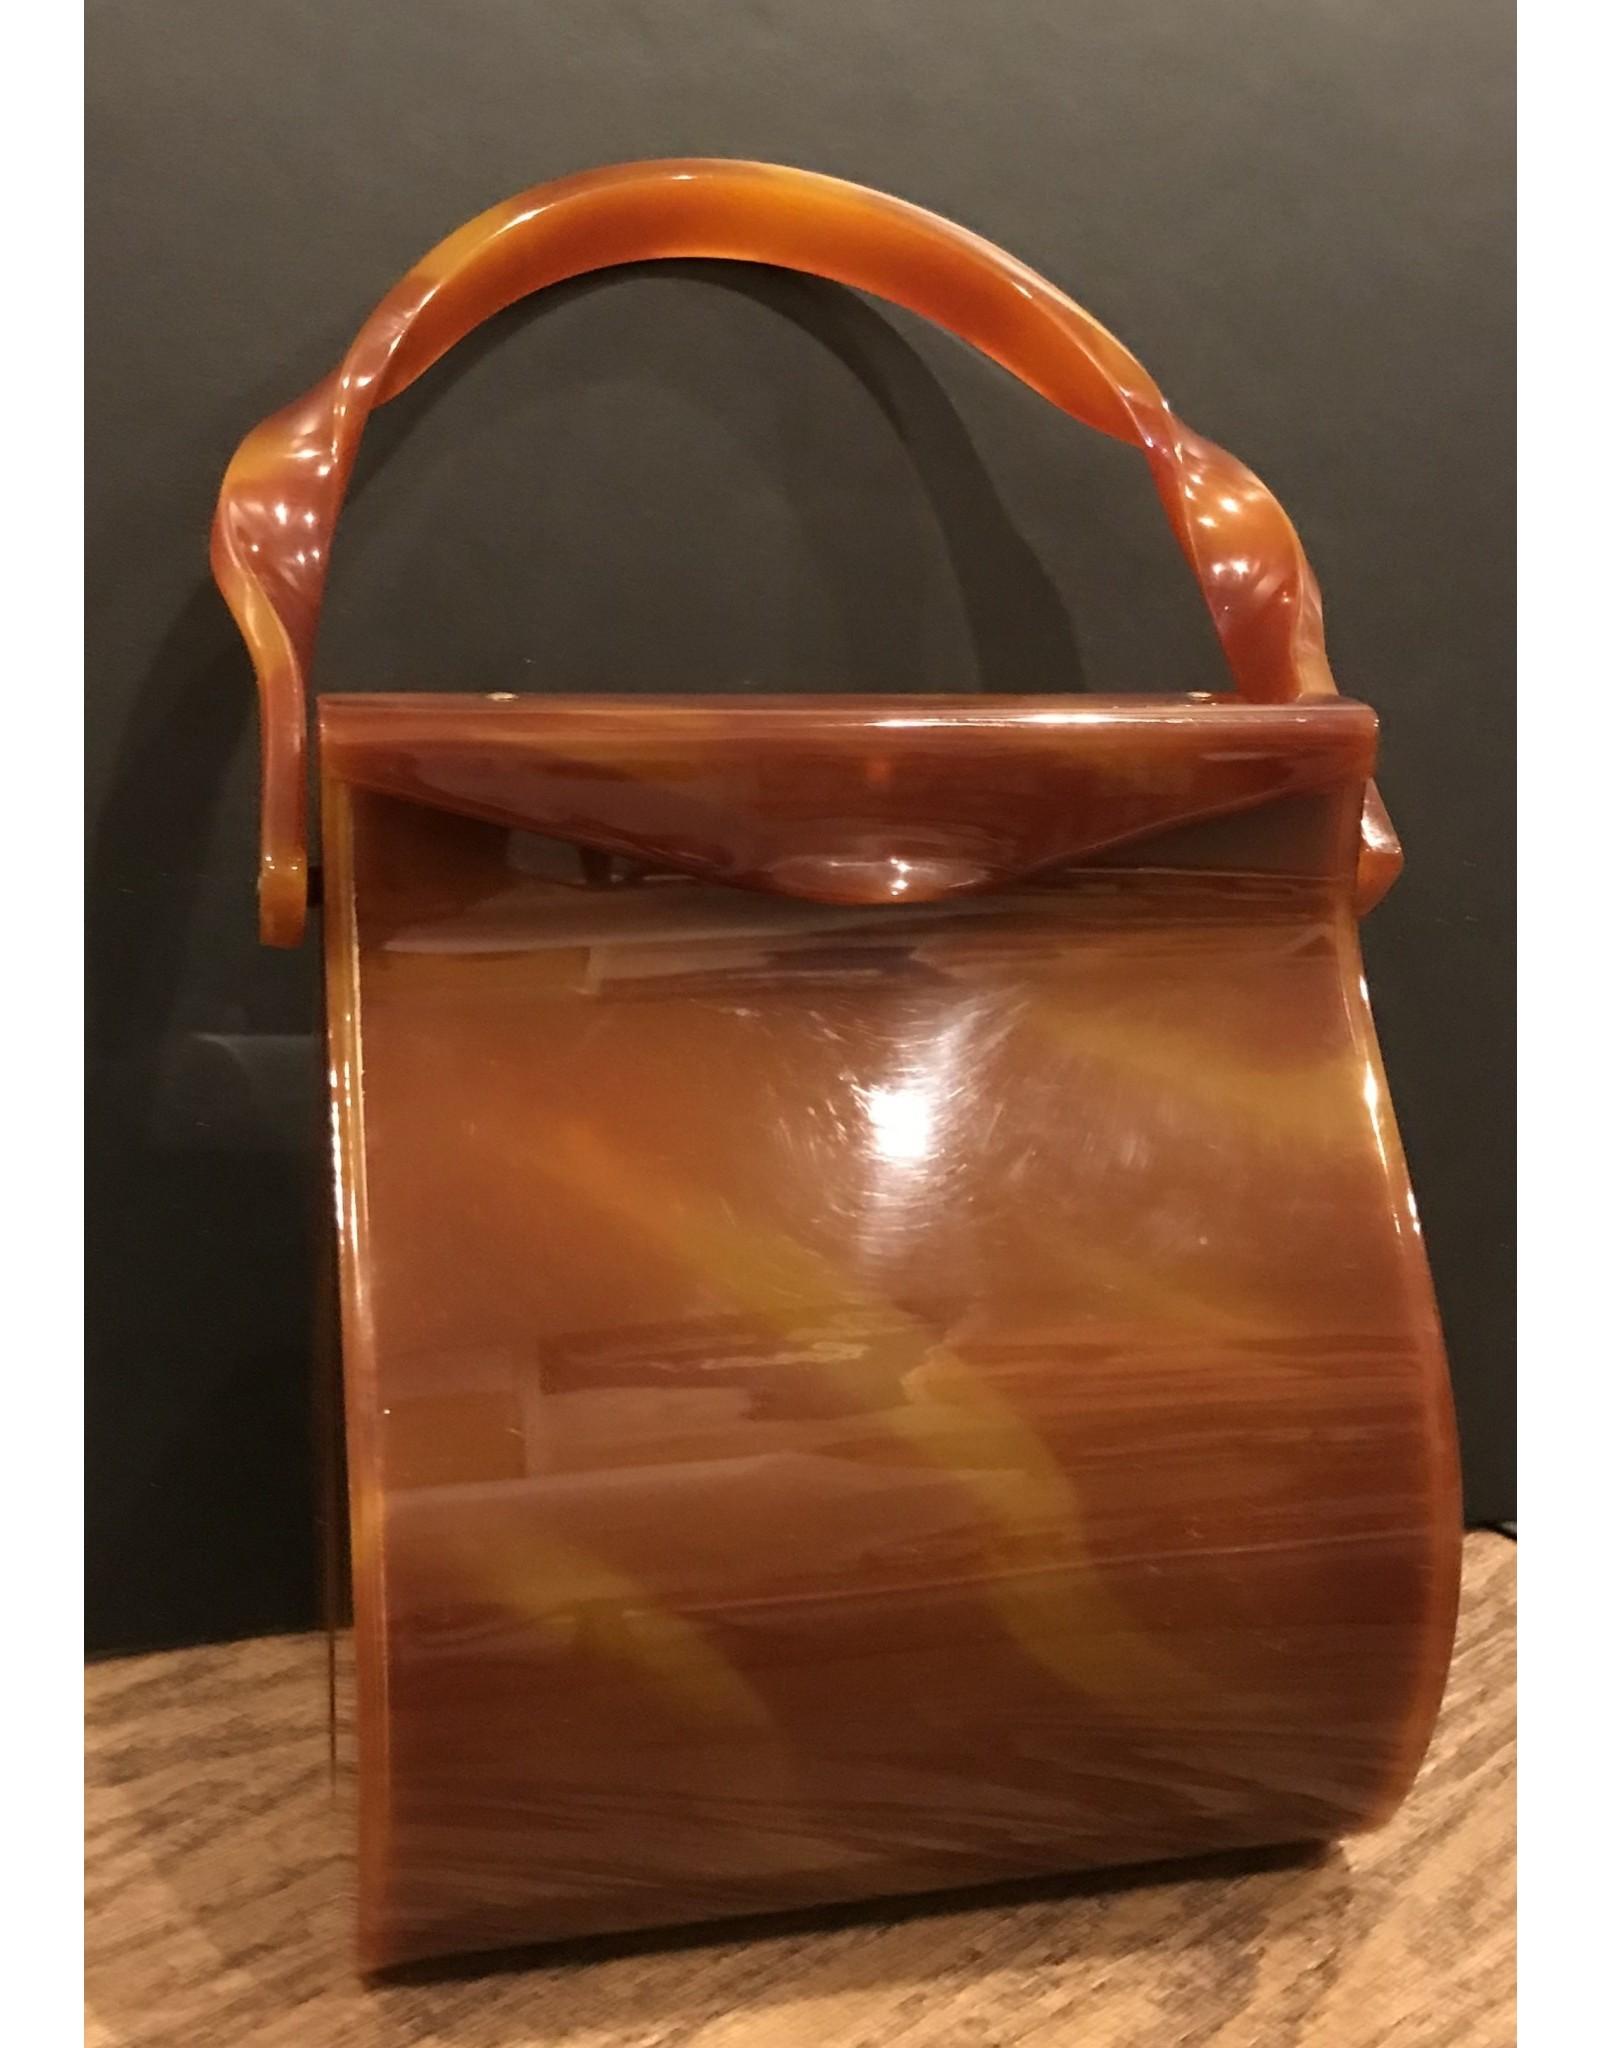 SPV Original Wilardy Lucite Handbag